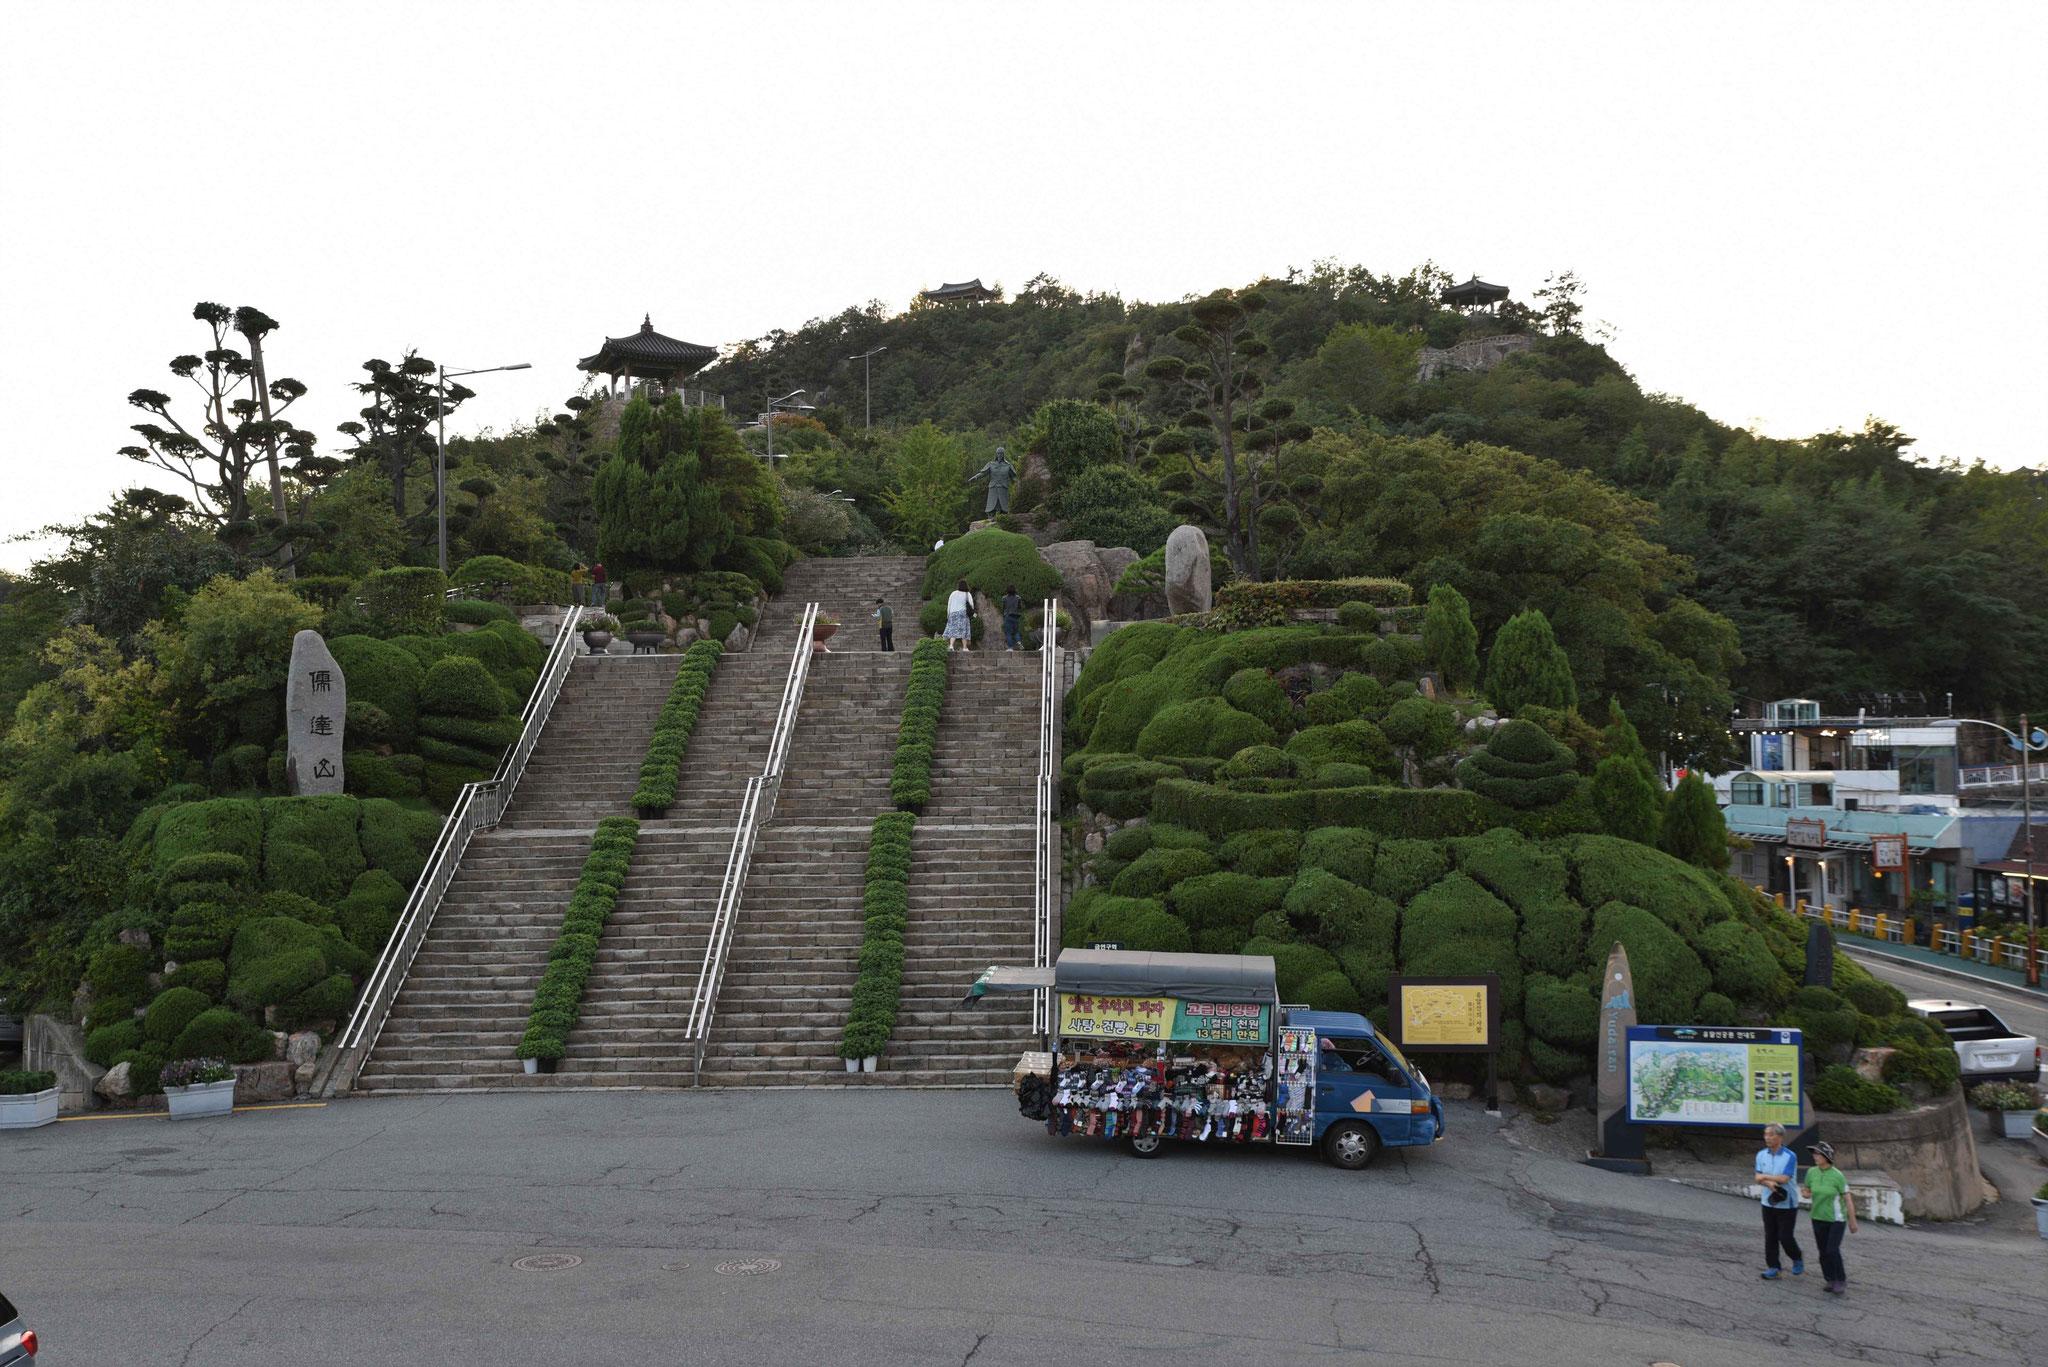 Ein- und Ausgang des Yudalsan-Parks